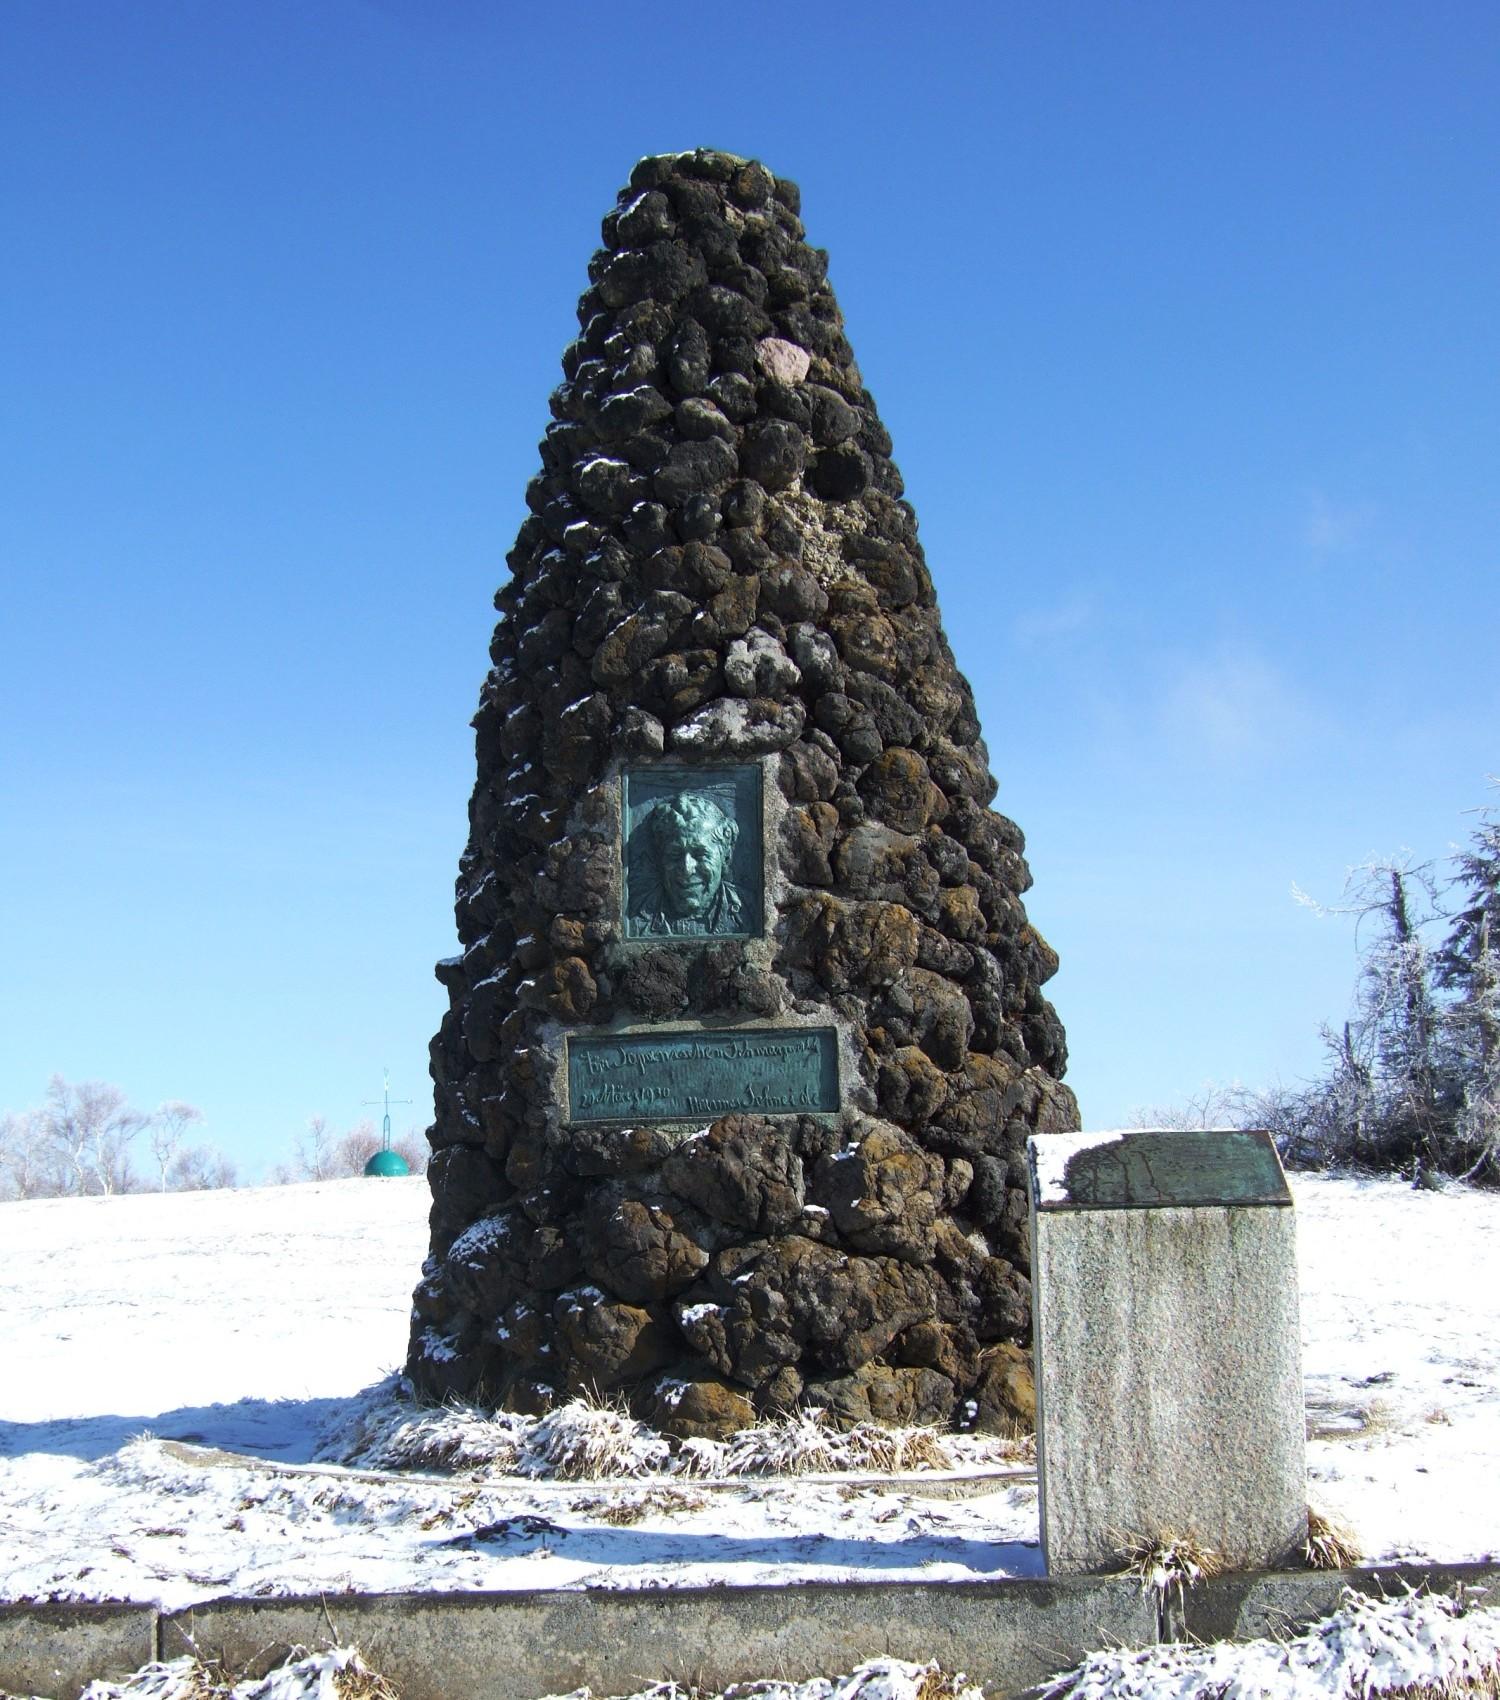 ハンネス・シュナイダーの碑